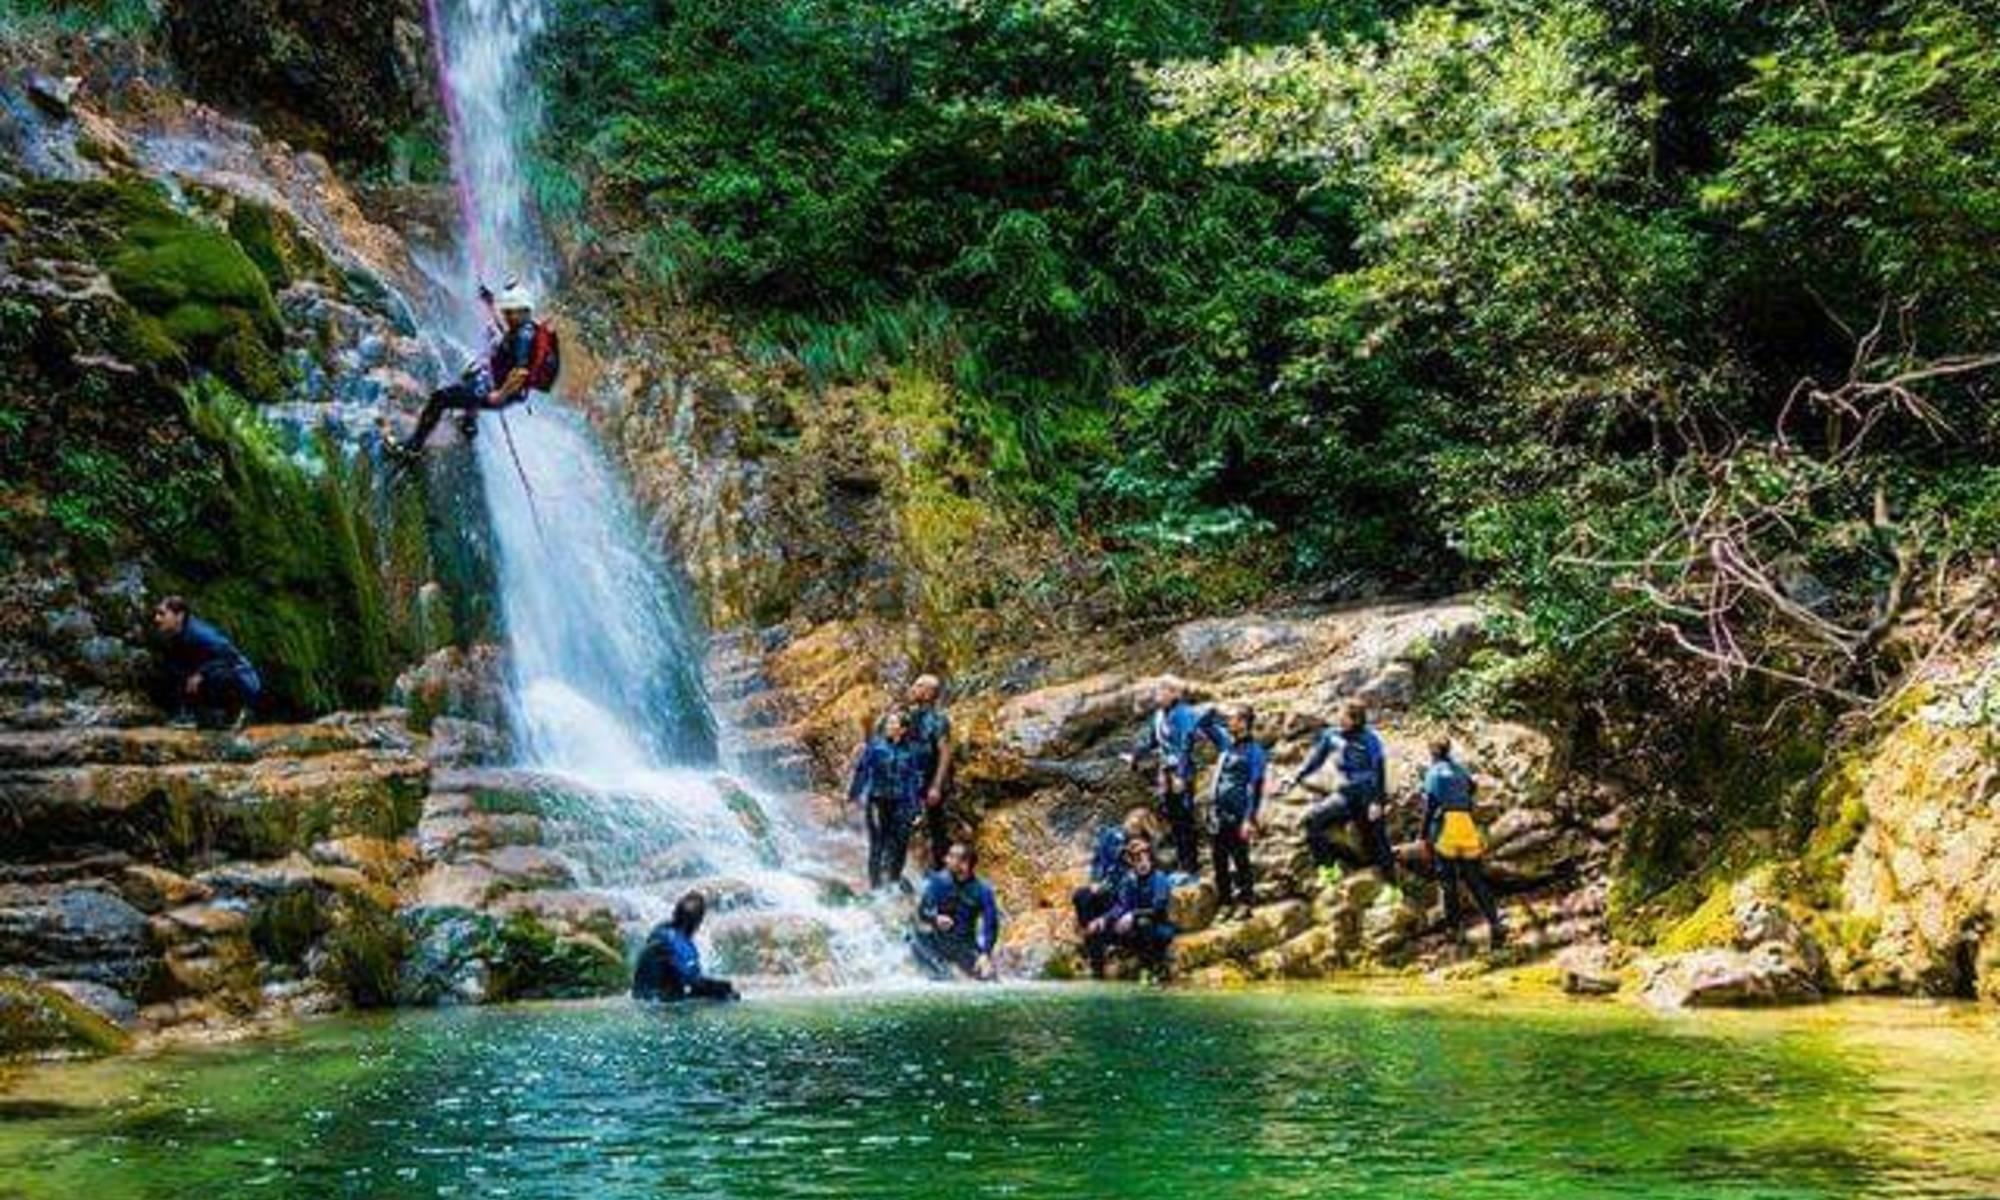 Un gruppo si è appena calato da una cascata durante il canyoning in Grecia.